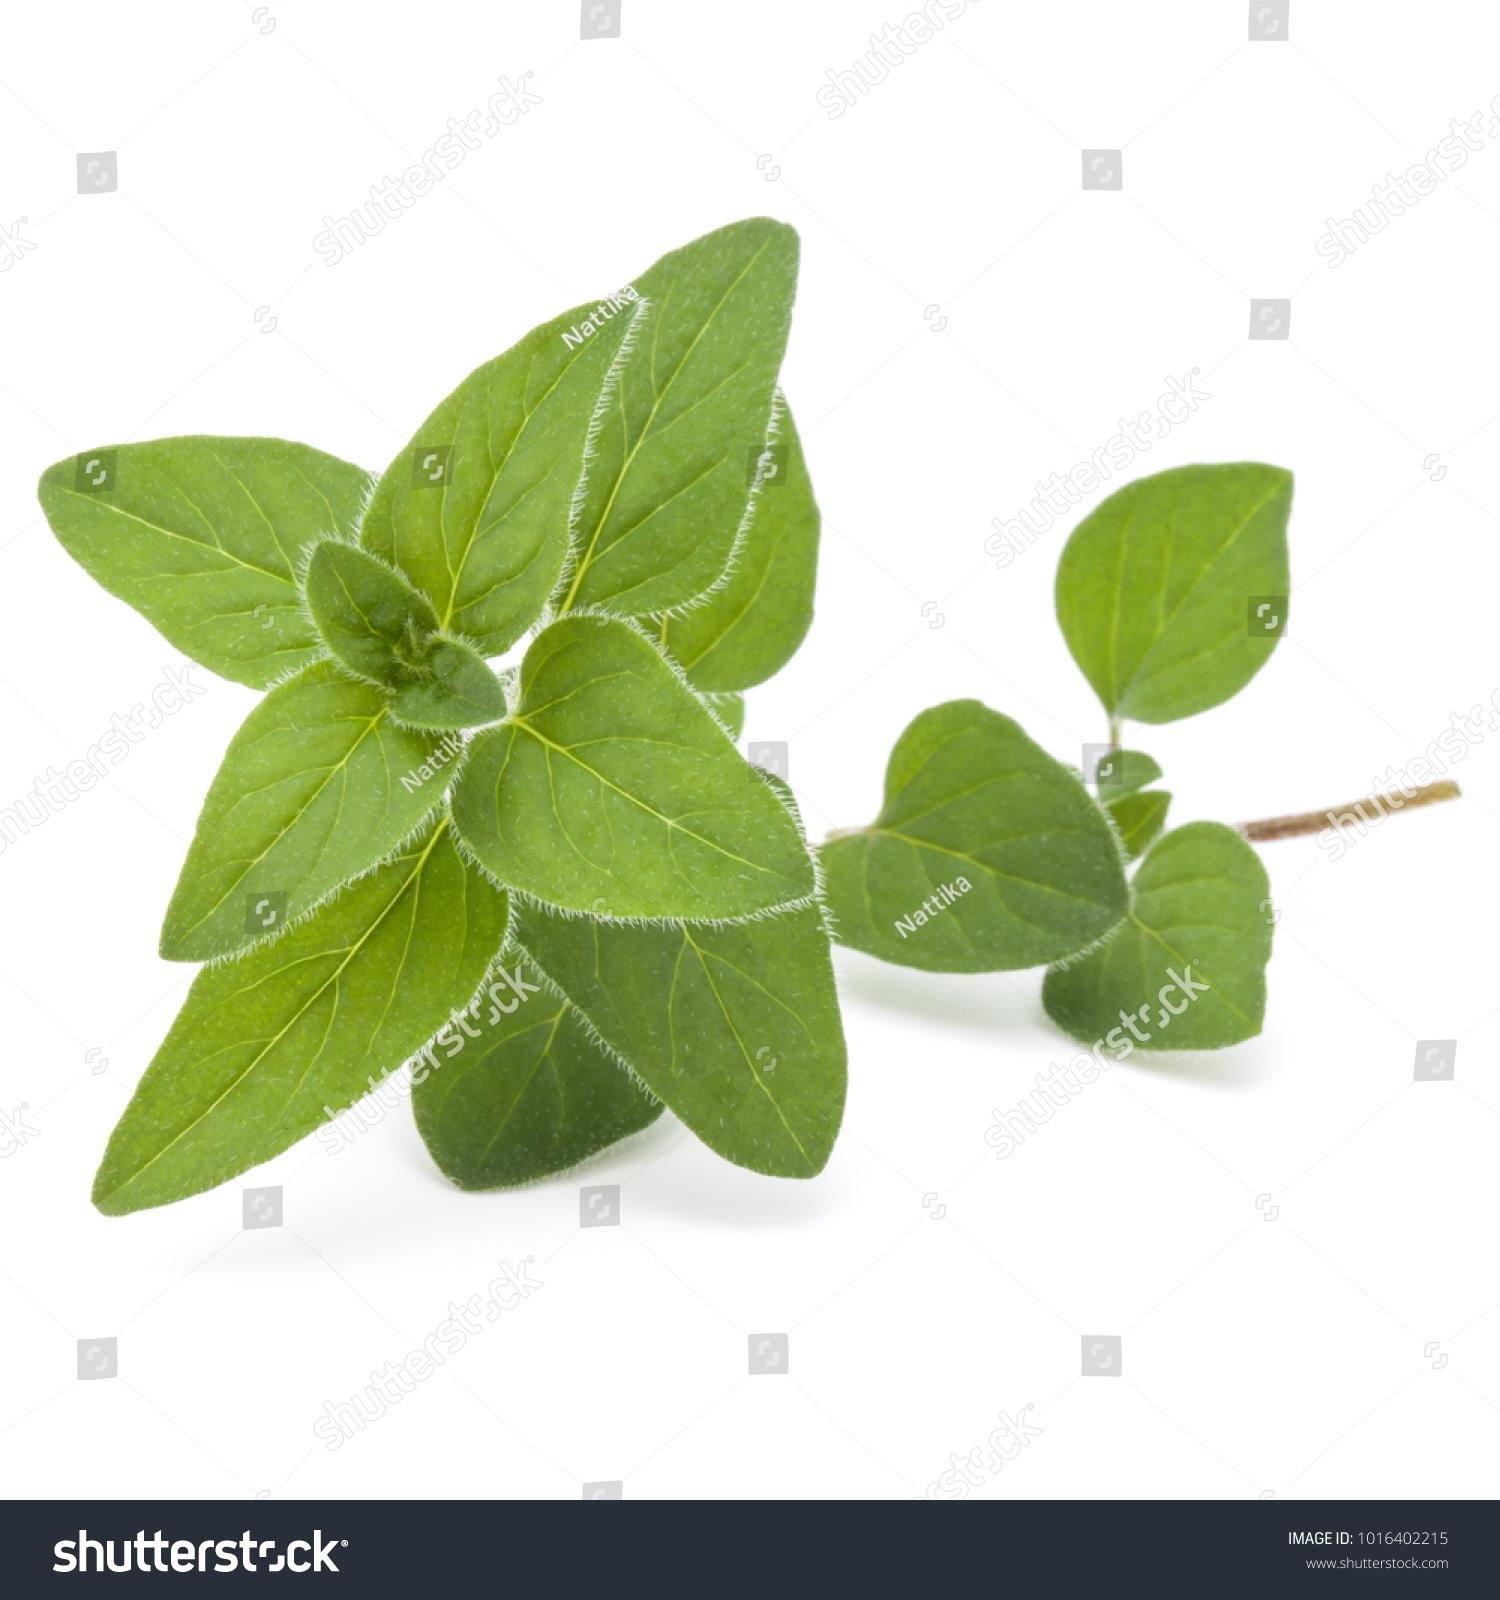 Oregano Marjoram Leaves Isolated On White Stock Photo 1016402215 ...